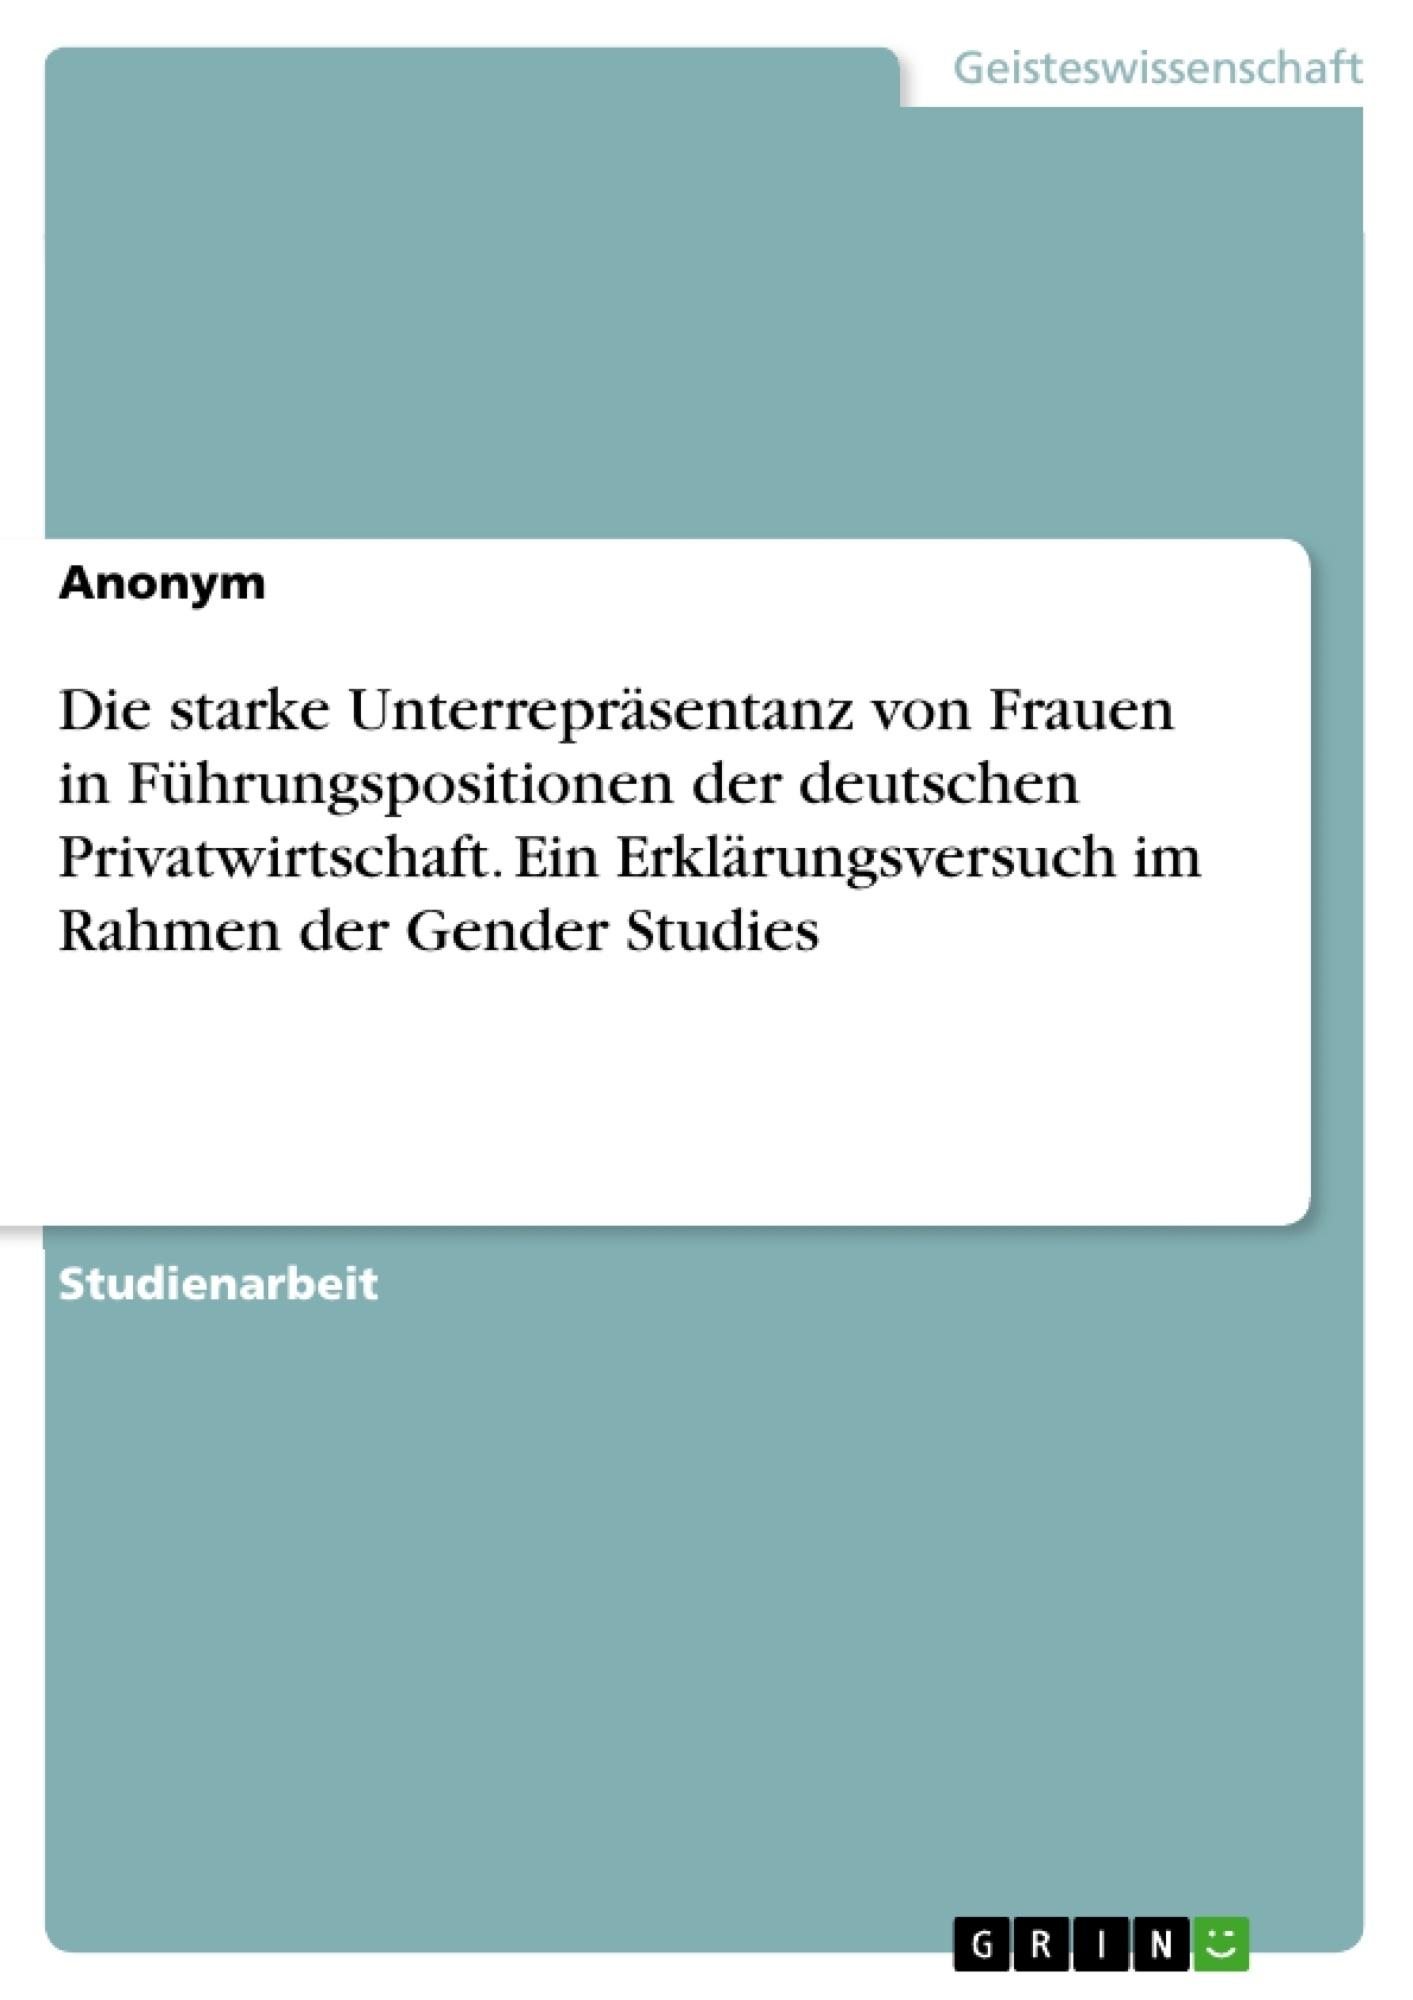 Titel: Die starke Unterrepräsentanz von Frauen in Führungspositionen der deutschen Privatwirtschaft. Ein Erklärungsversuch im Rahmen der Gender Studies